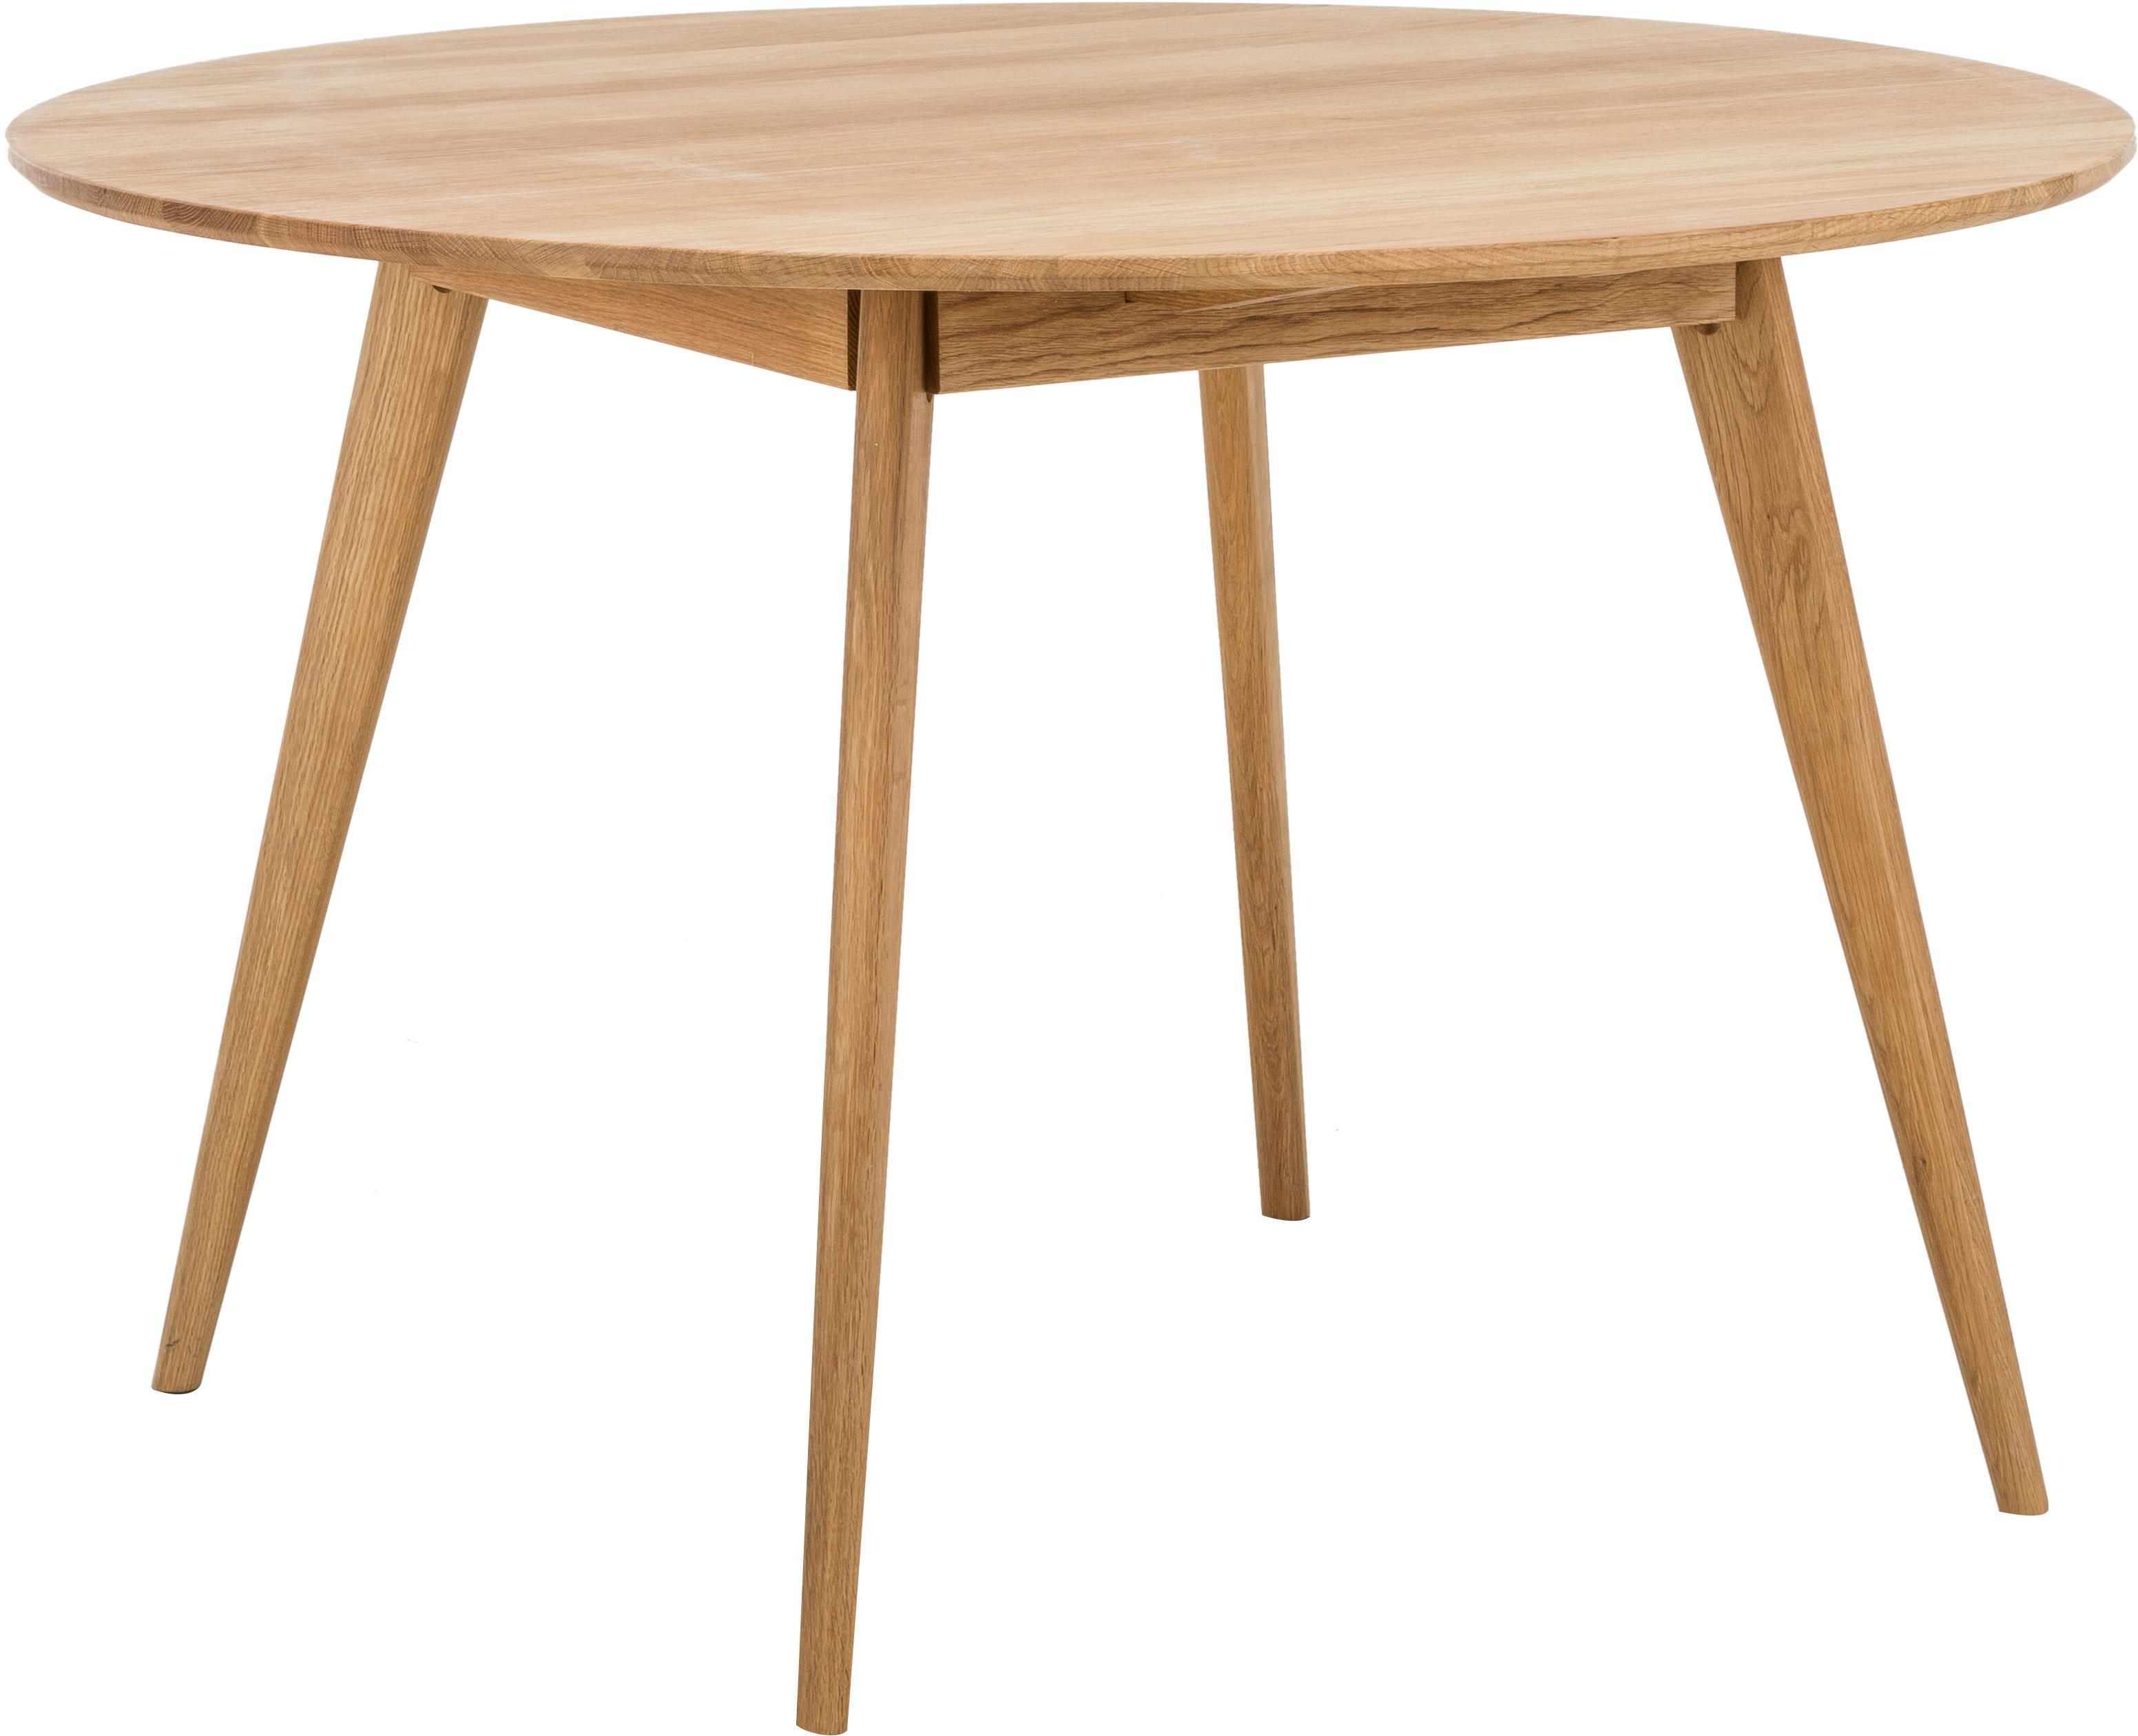 Tavolo rotondo con finitura in quercia Yumi, Piano d'appoggio: pannello di fibra a media, Gambe: legno di quercia massello, Marrone, Ø 115 cm